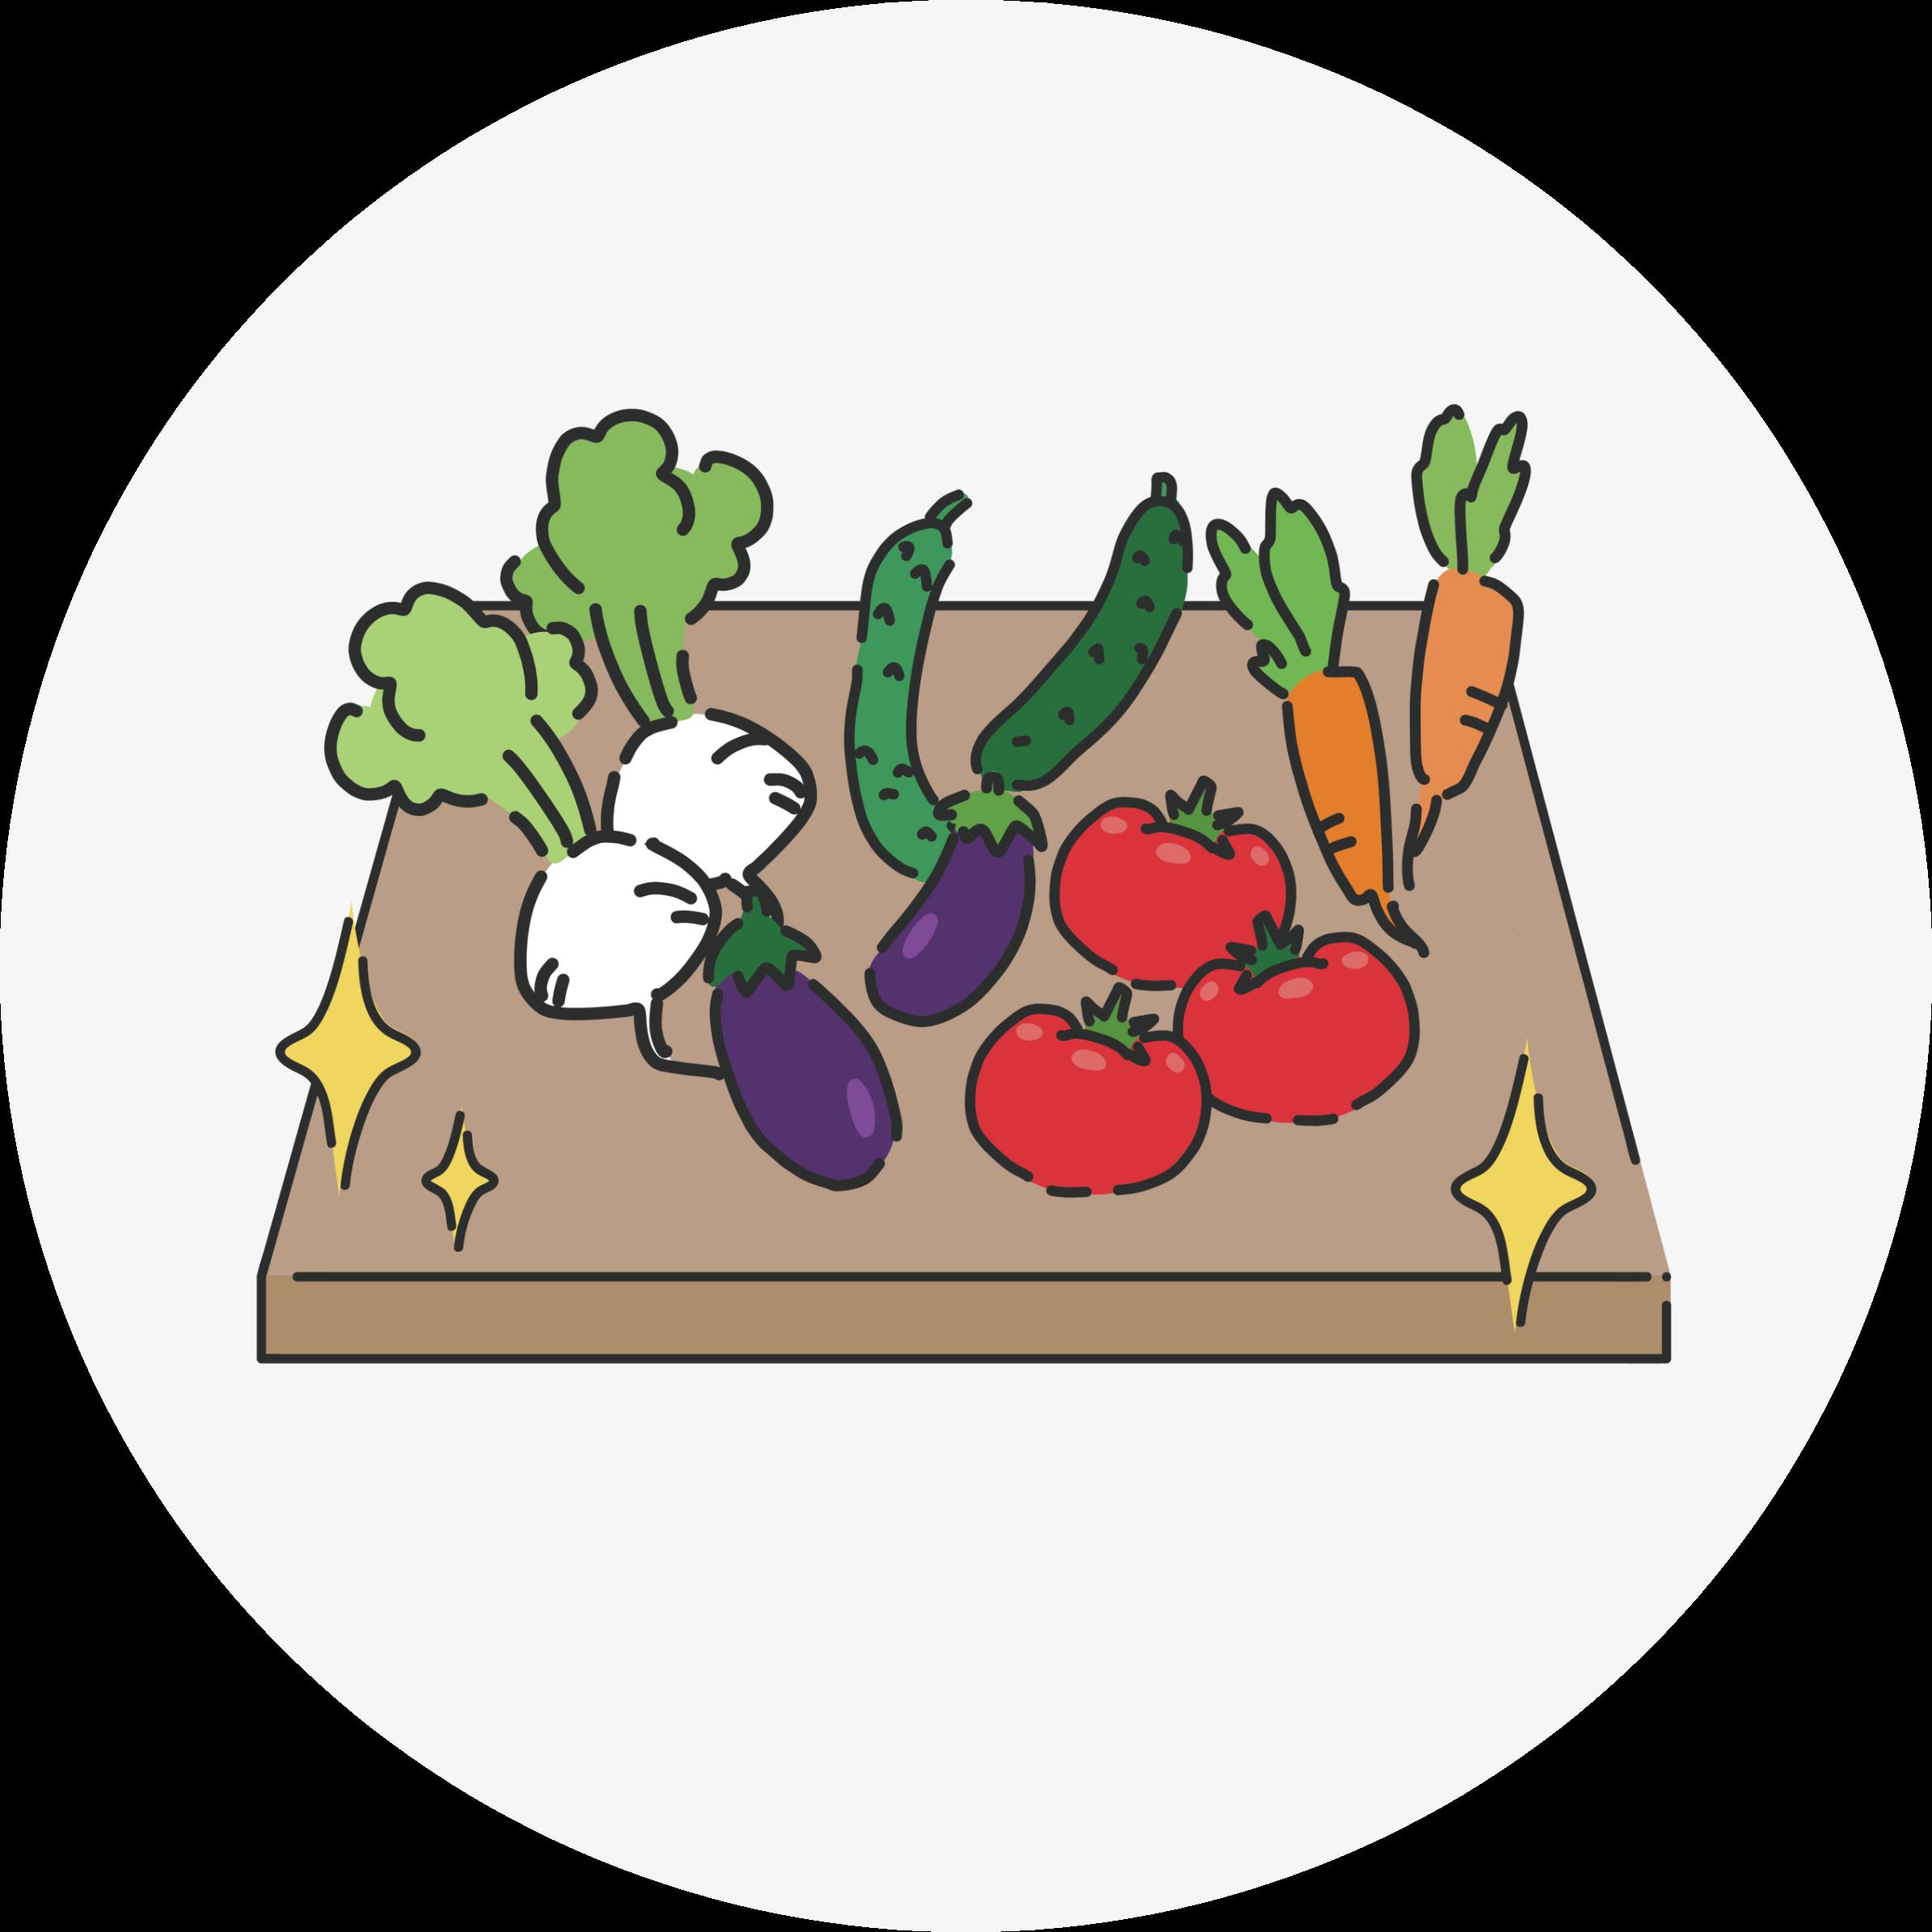 野菜 イラスト